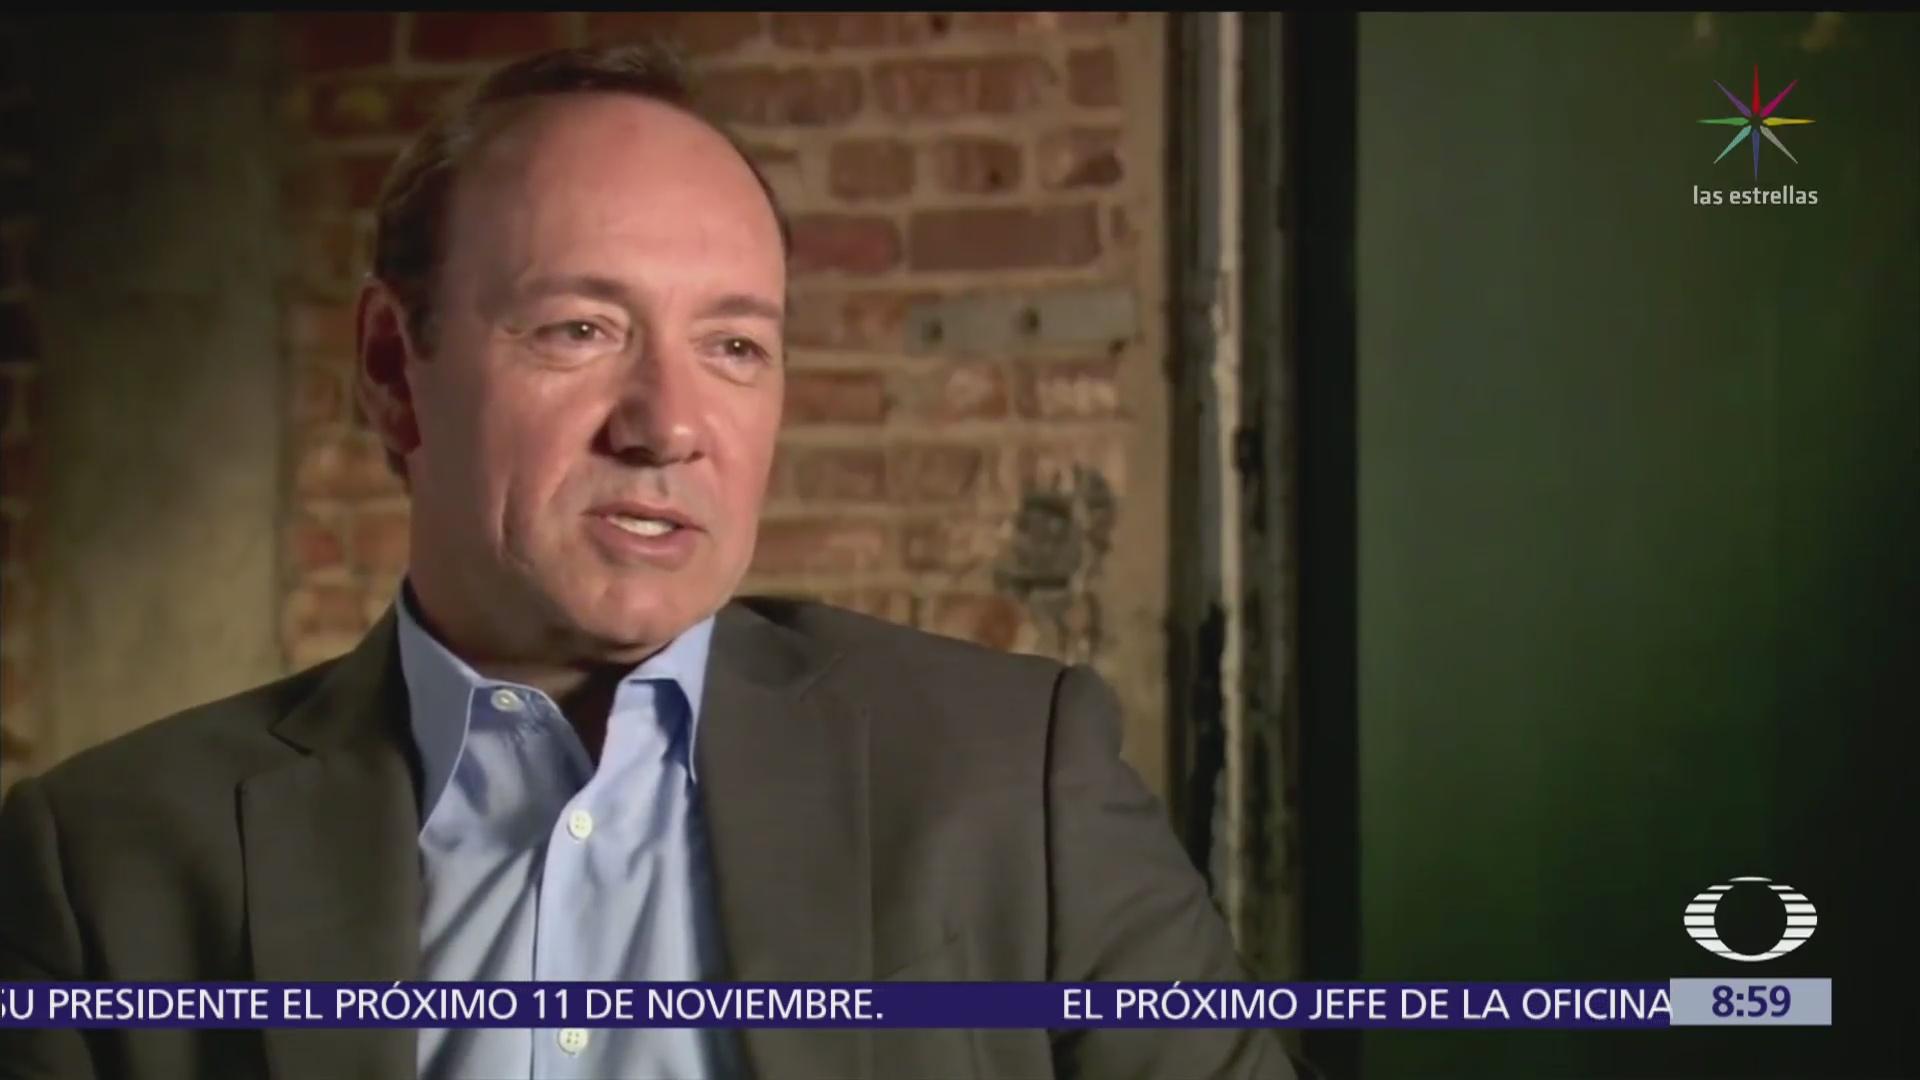 Rechazan investigar a Kevin Spacey y Steven Seagal por agresiones sexuales